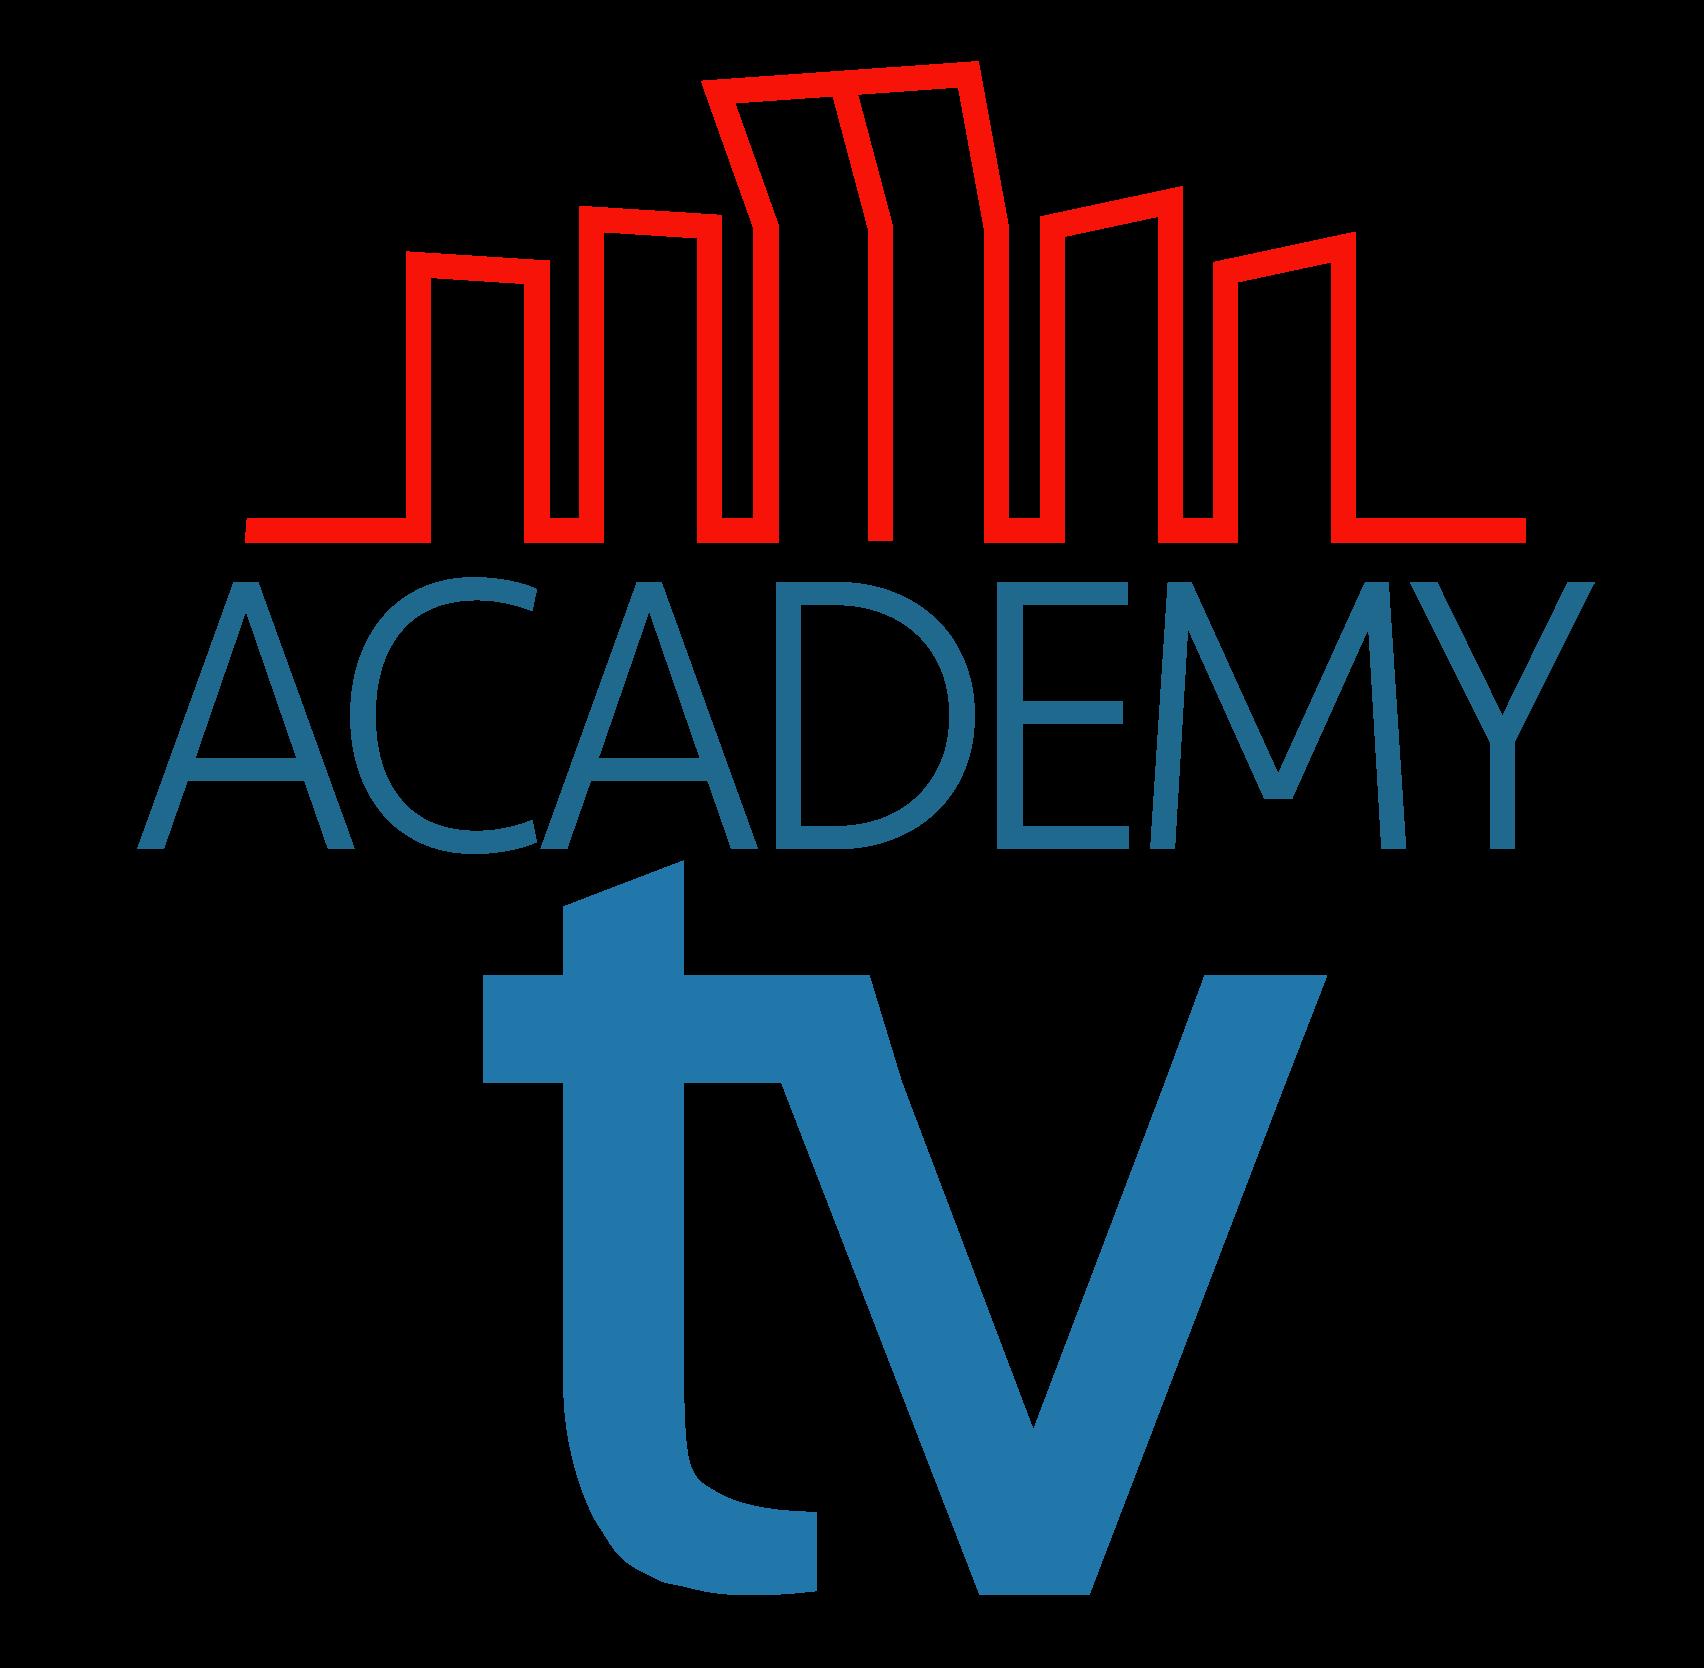 Academytv-logo